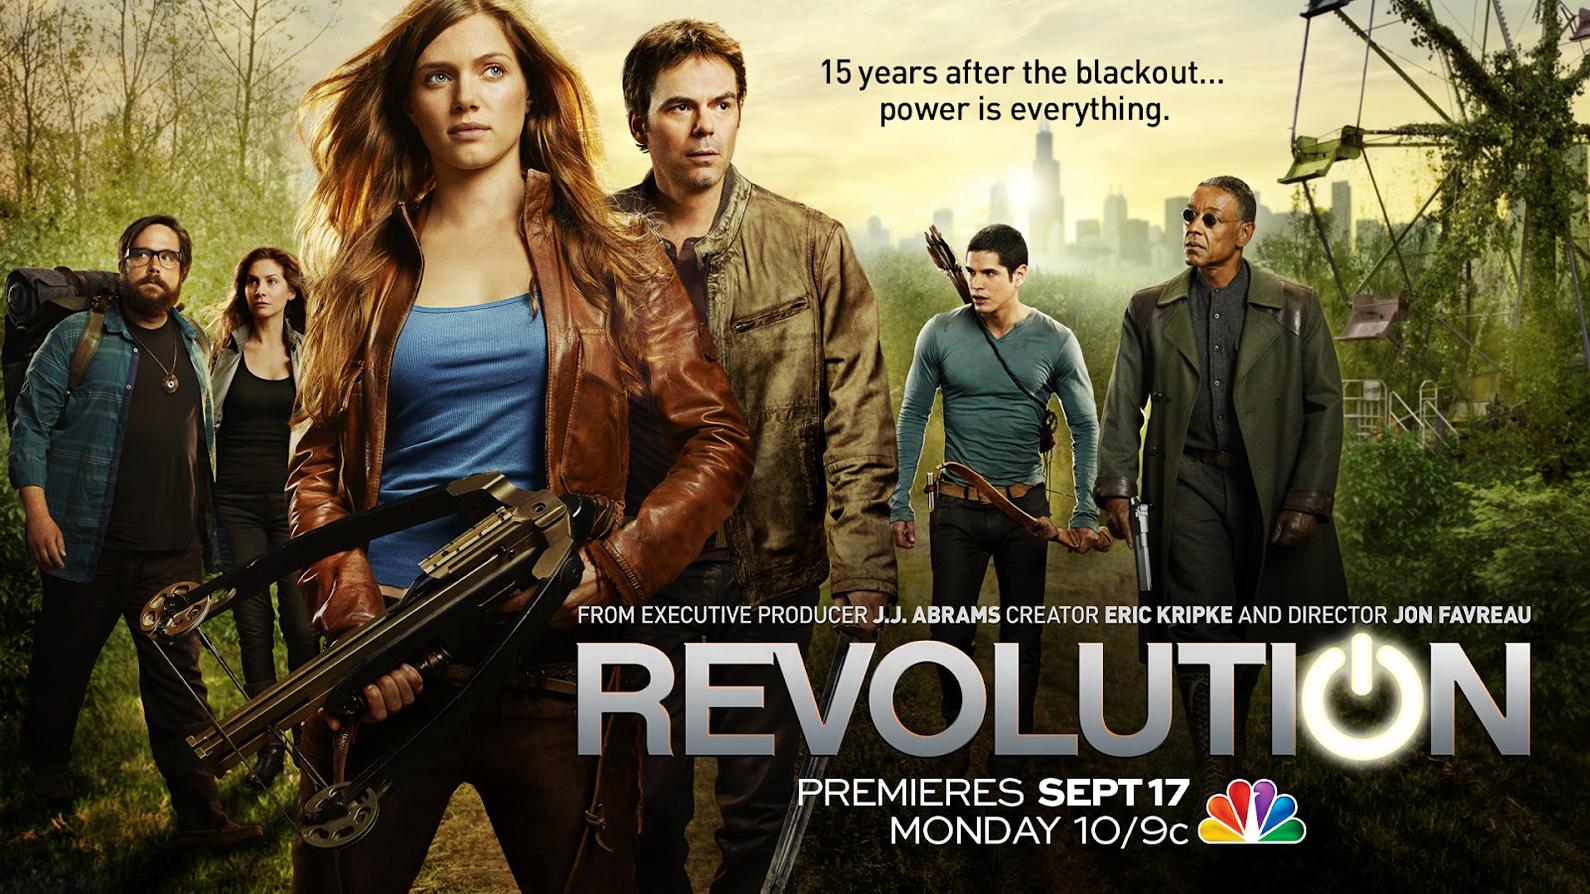 http://4.bp.blogspot.com/-B_Cocx-7GOw/UKATZXD_f2I/AAAAAAAAGBY/nCKOd1hxBsY/s1600/Revolution-Tv-Series-HD-Wallpaper_Vvallpaper.Net.jpg